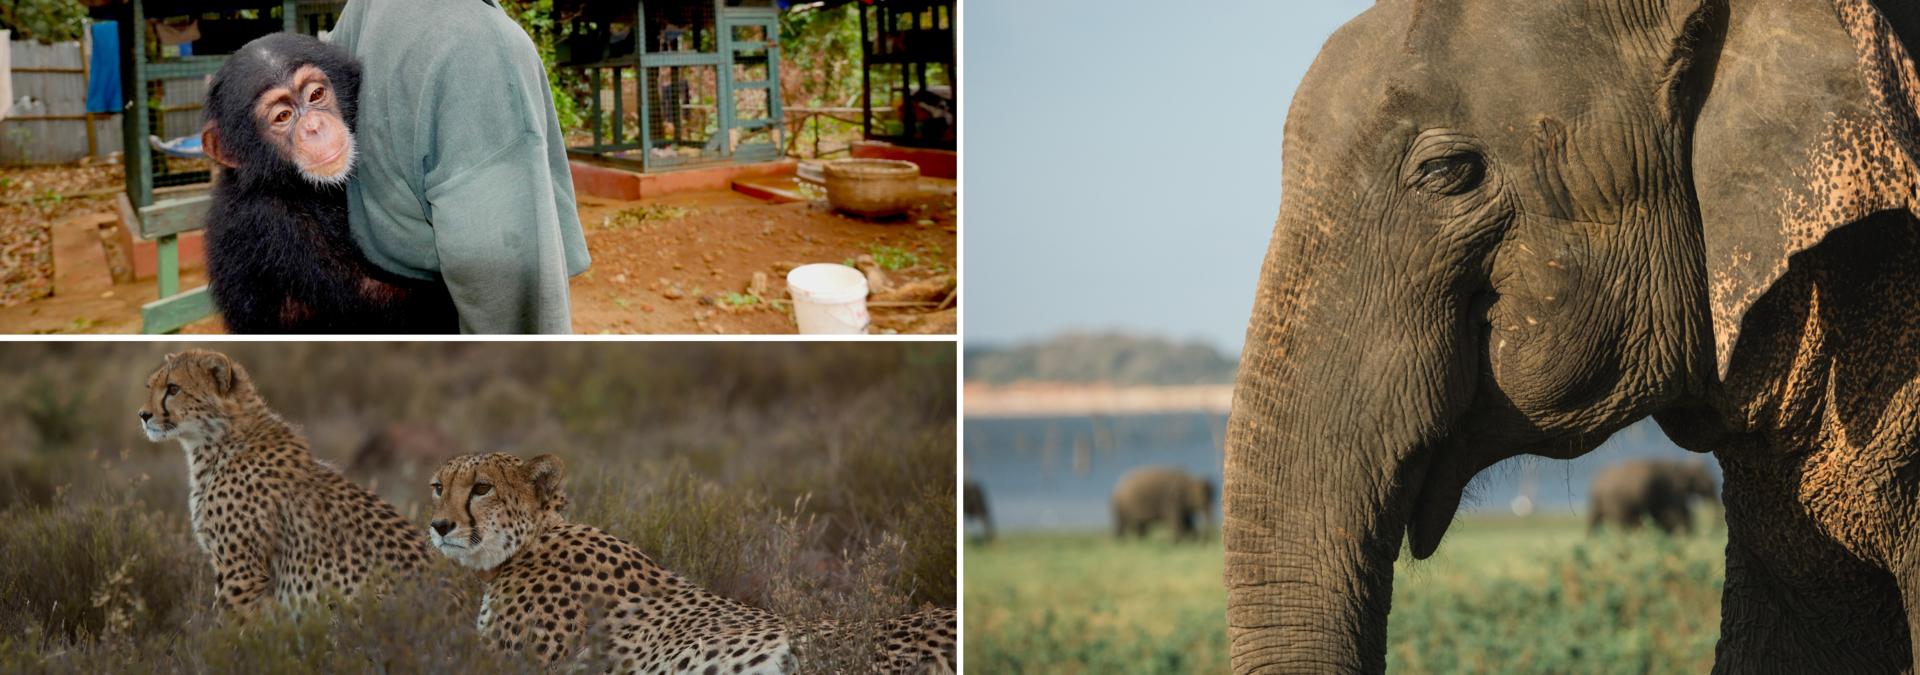 W Światowy Dzień Zwierząt kanał Nat Geo Wild zwraca uwagę na trudne relacje ludzi i innych istot